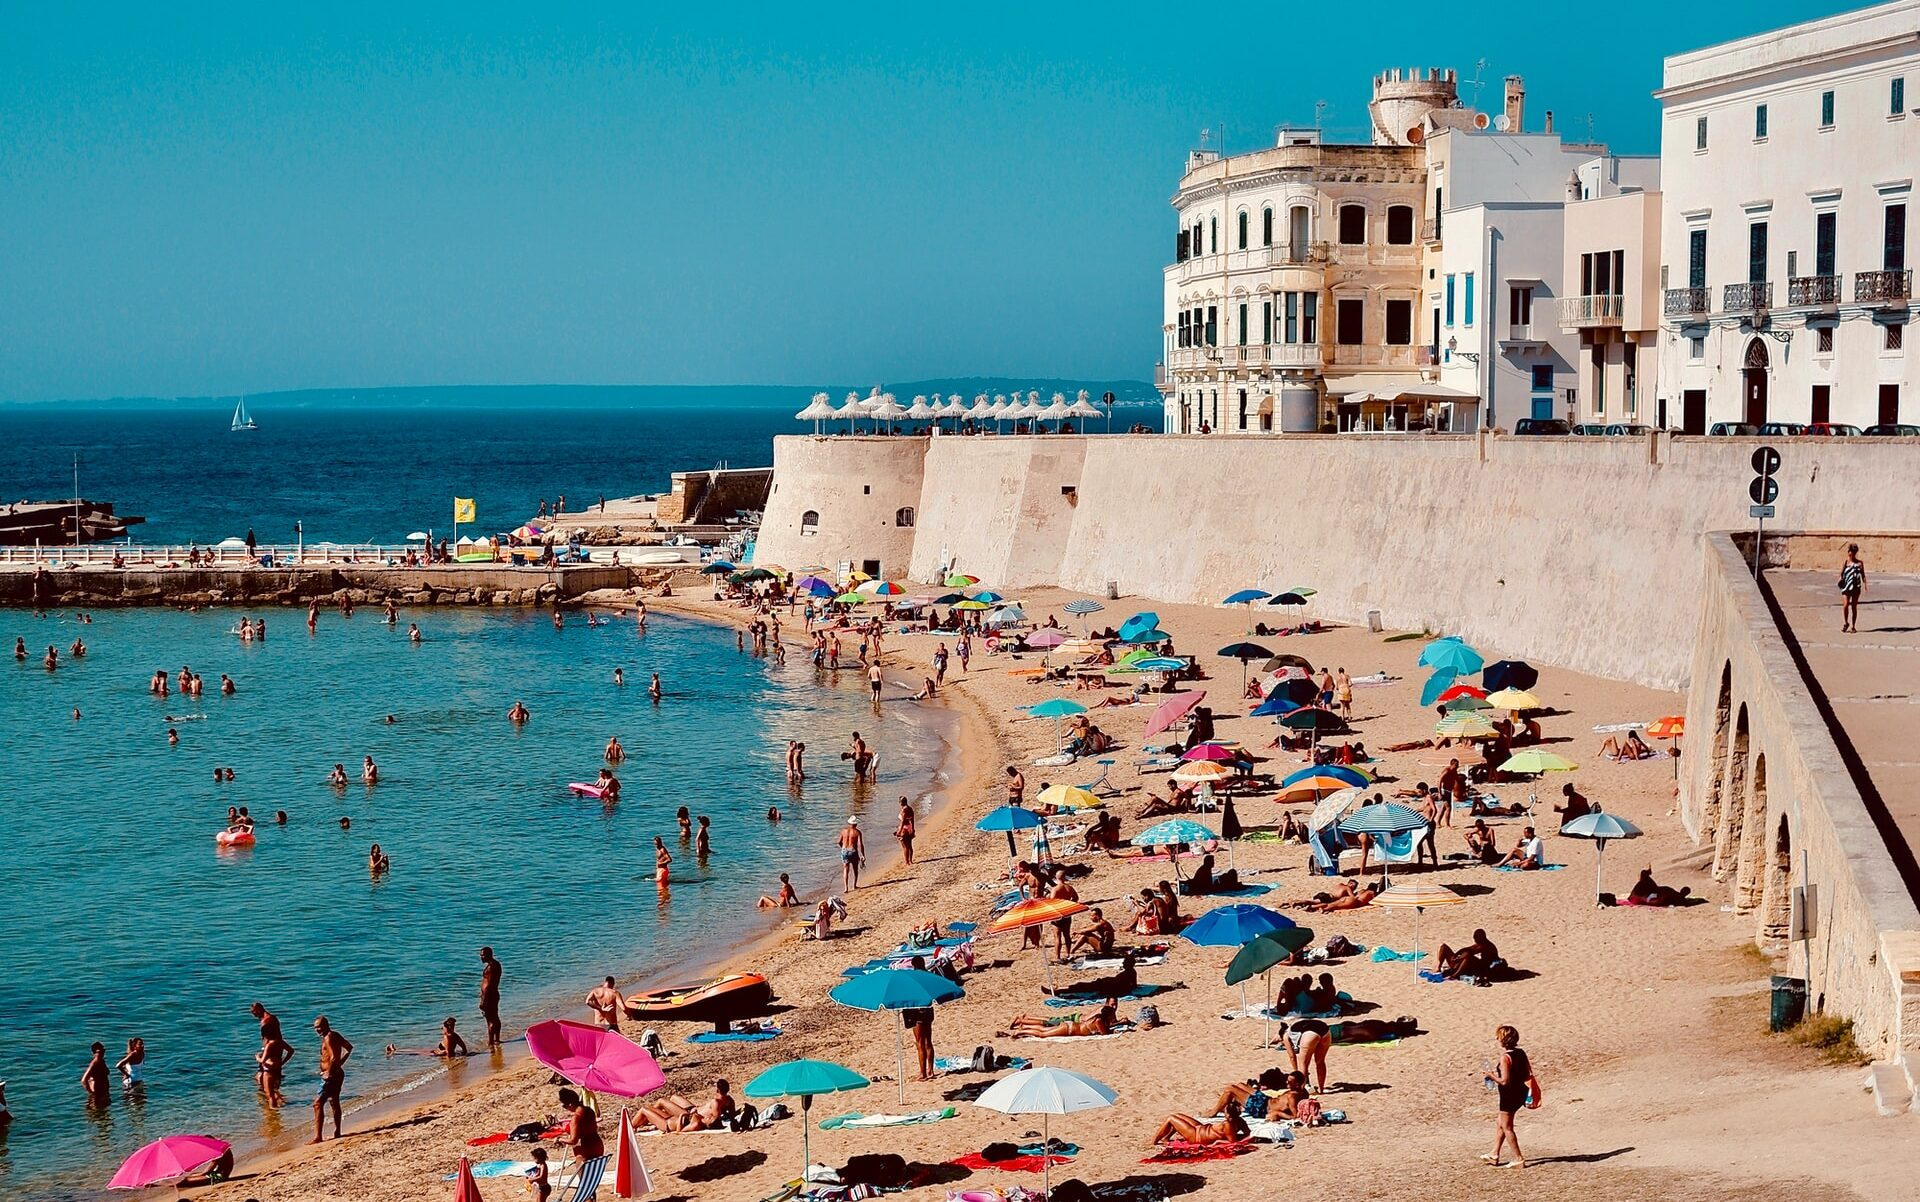 La spiaggia della Purità a Gallipoli